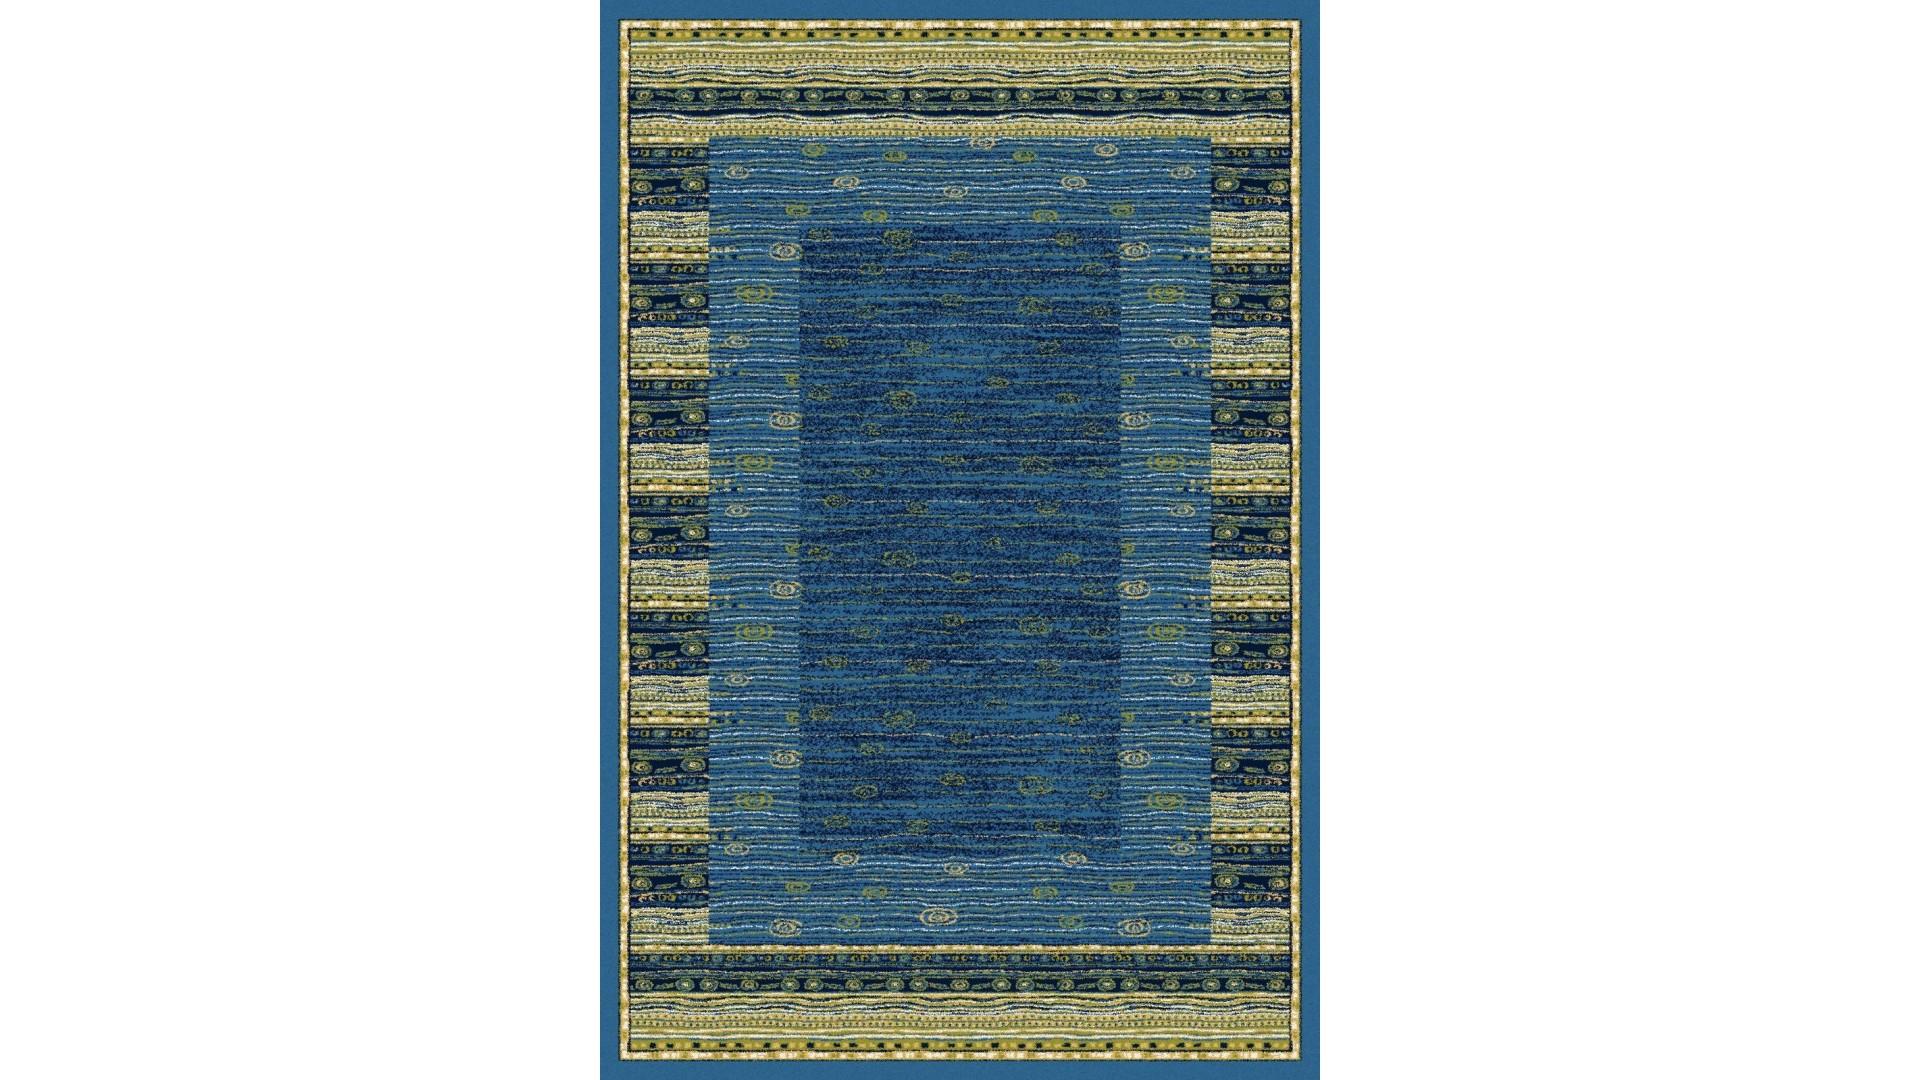 Modny dywan do salonu. Wysoka jakość wykonania.